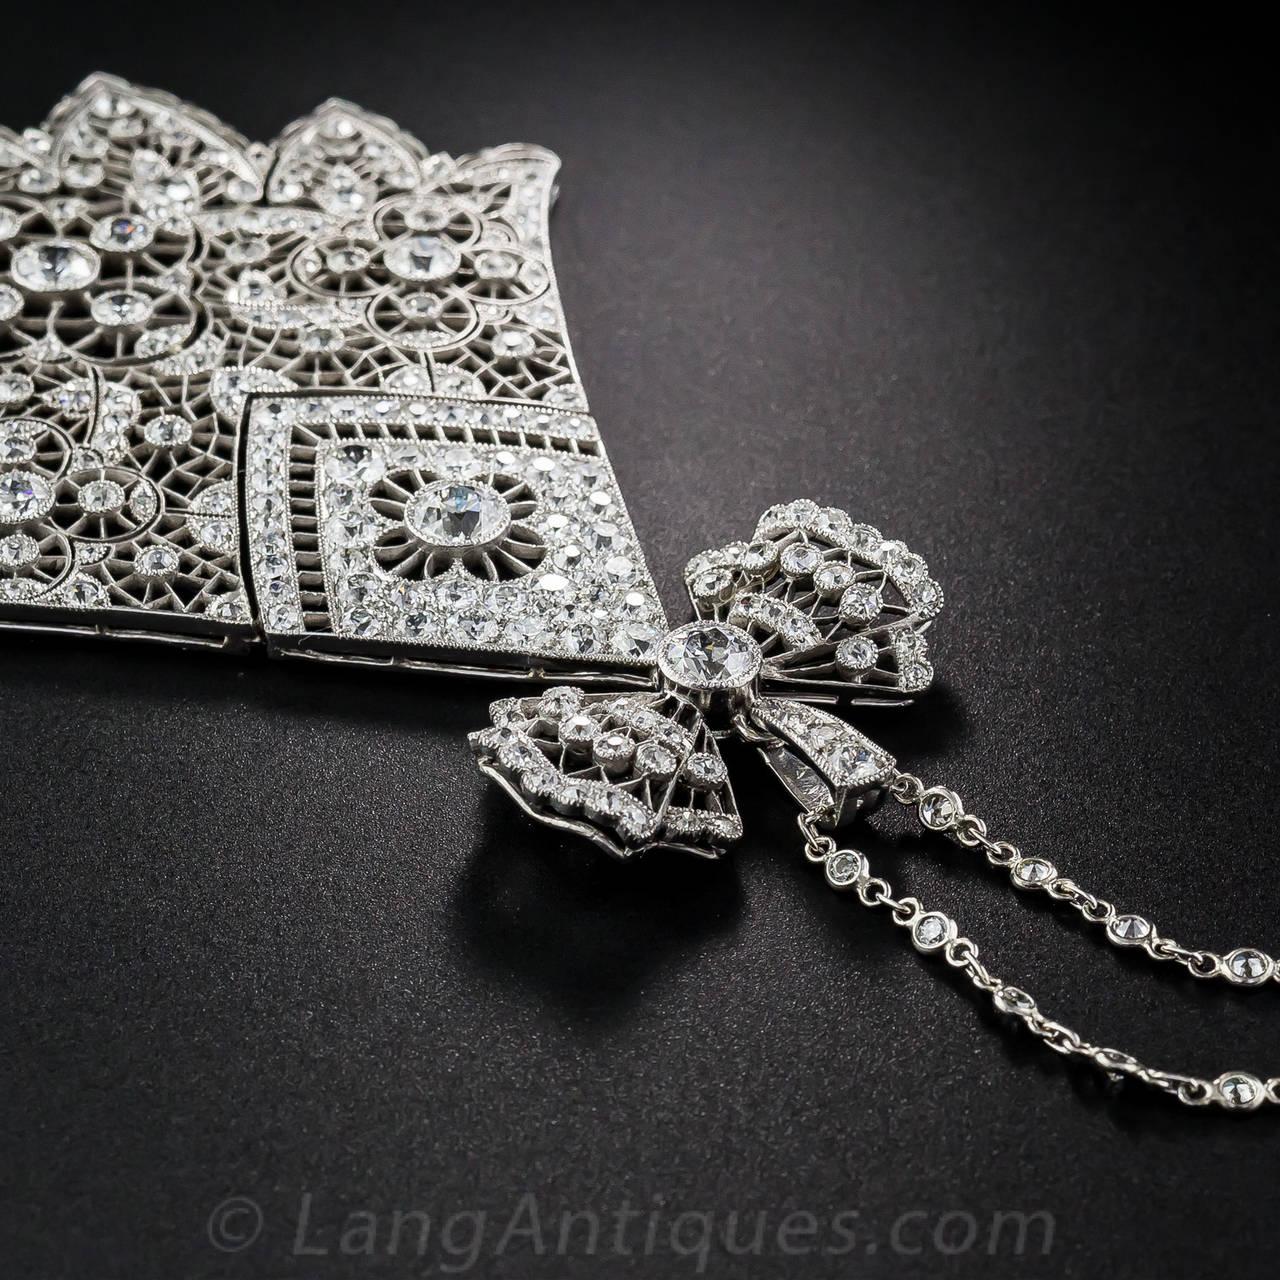 Women's or Men's Antique French Belle Epoque 6.75 Carat Diamond Necklace For Sale